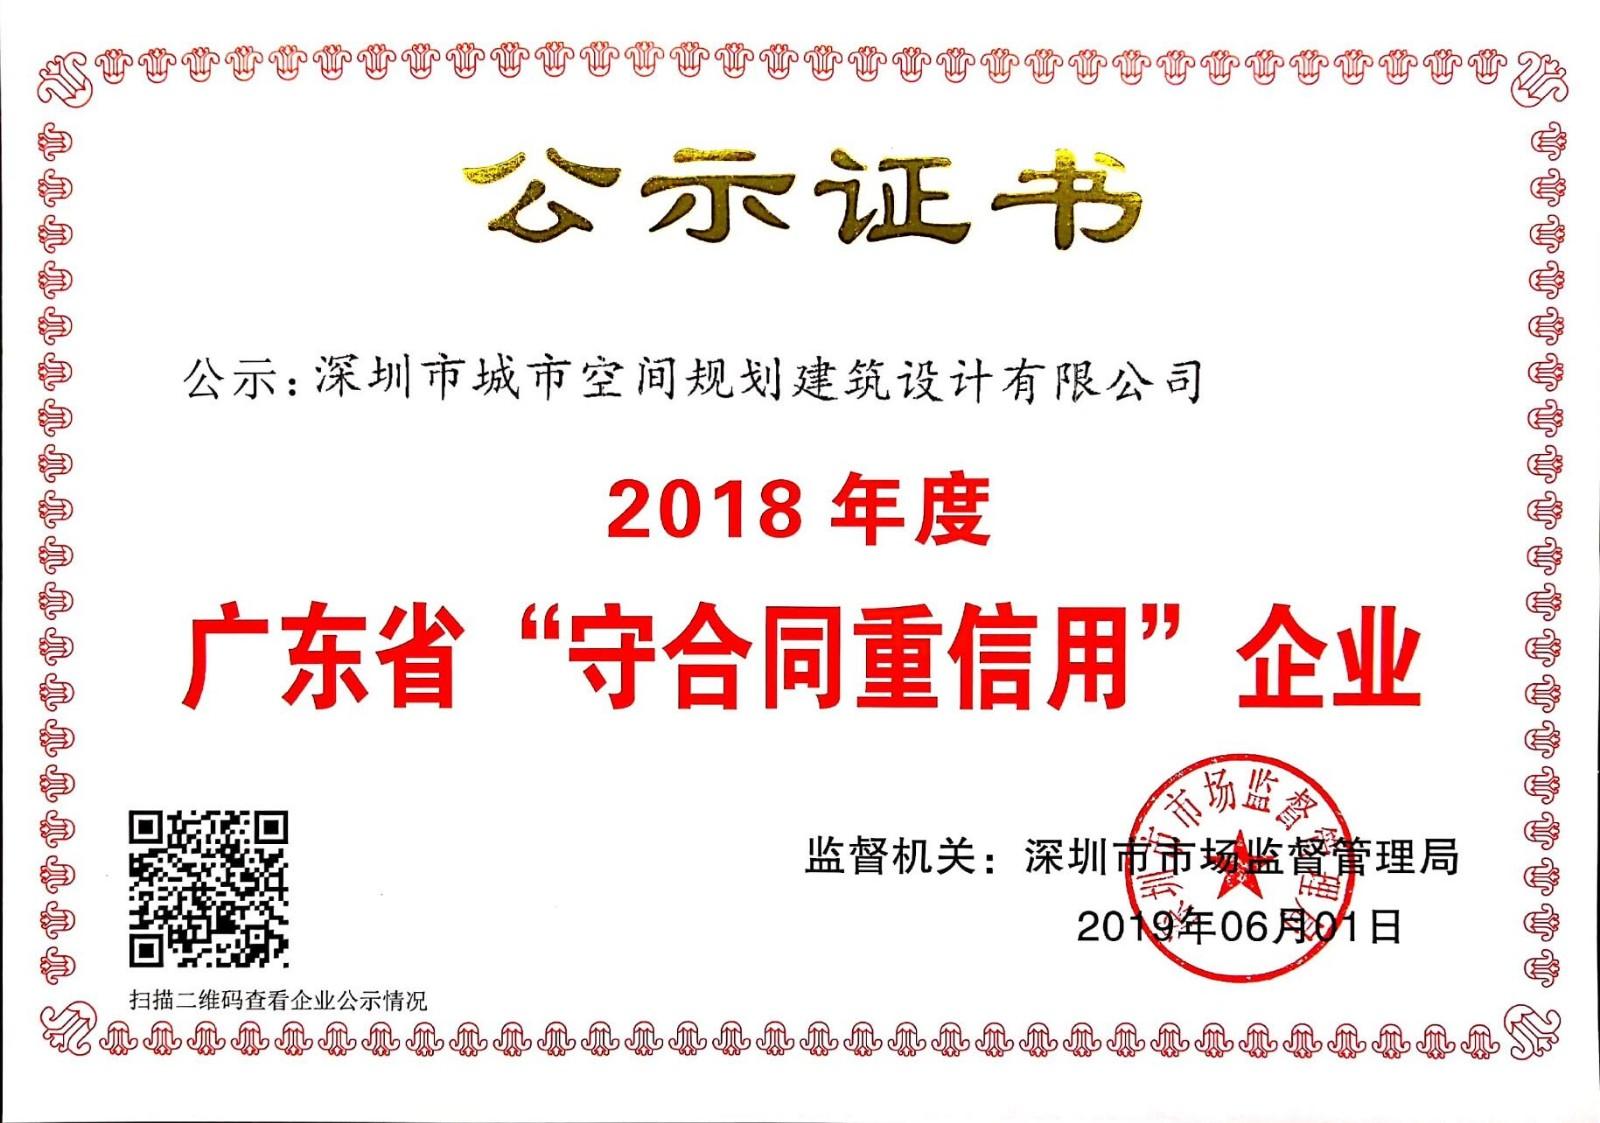 廣東省重合同守信用企業